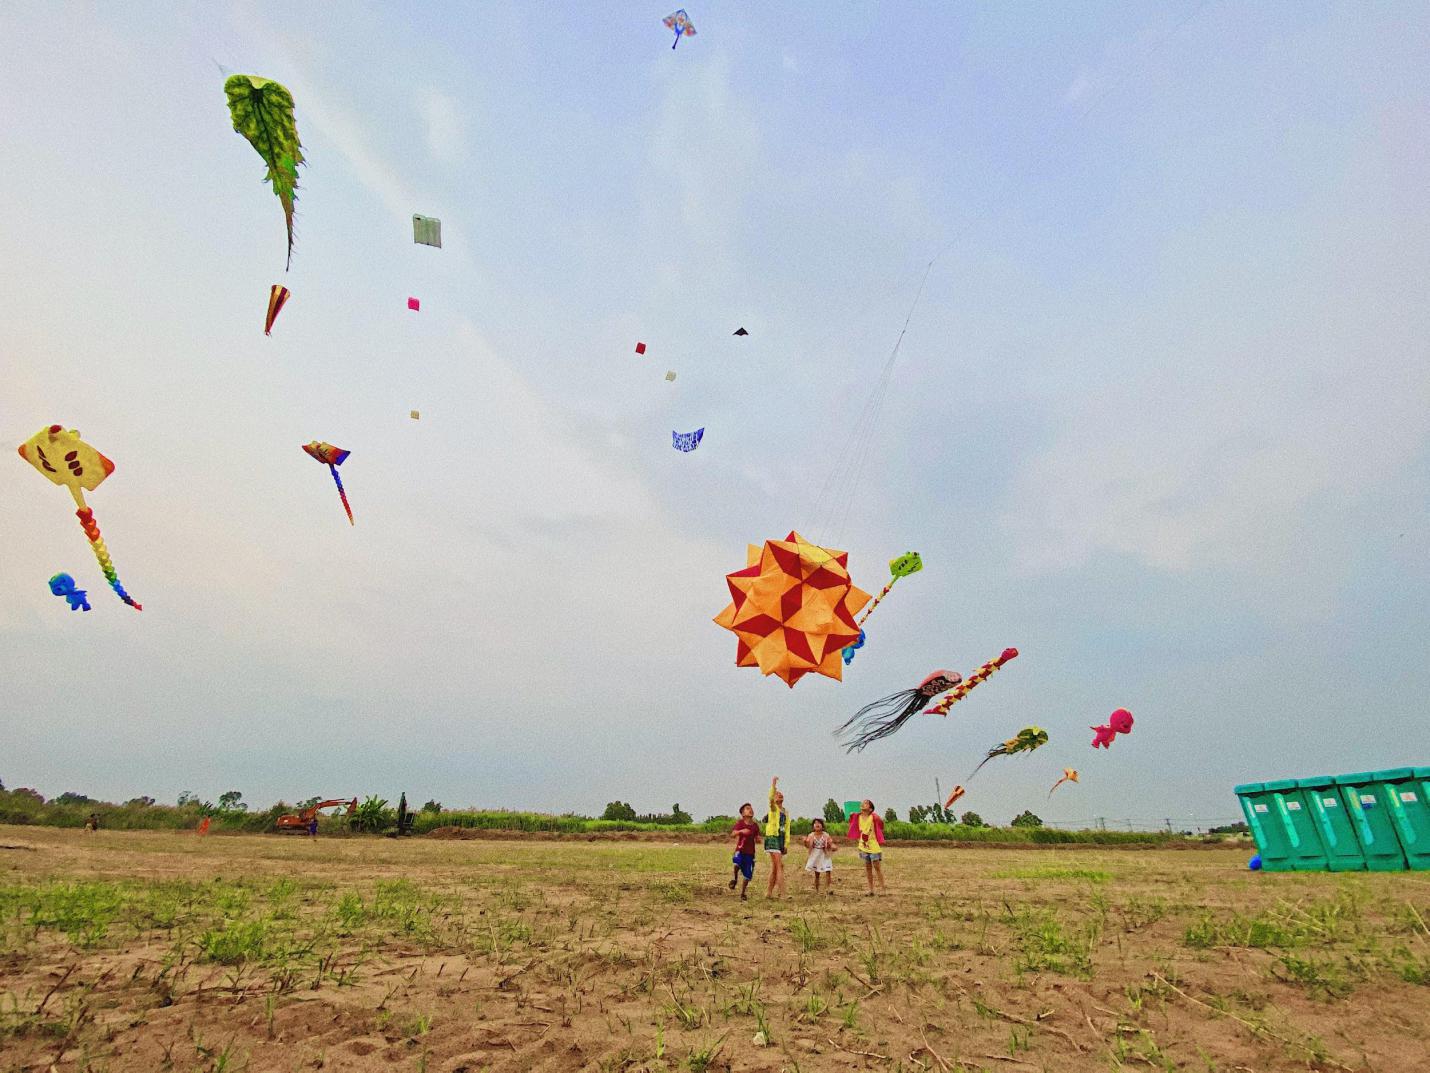 Một vé ôn lại tuổi thơ với cánh đồng diều lộng gió ngay sát Sài Gòn - Ảnh 1.